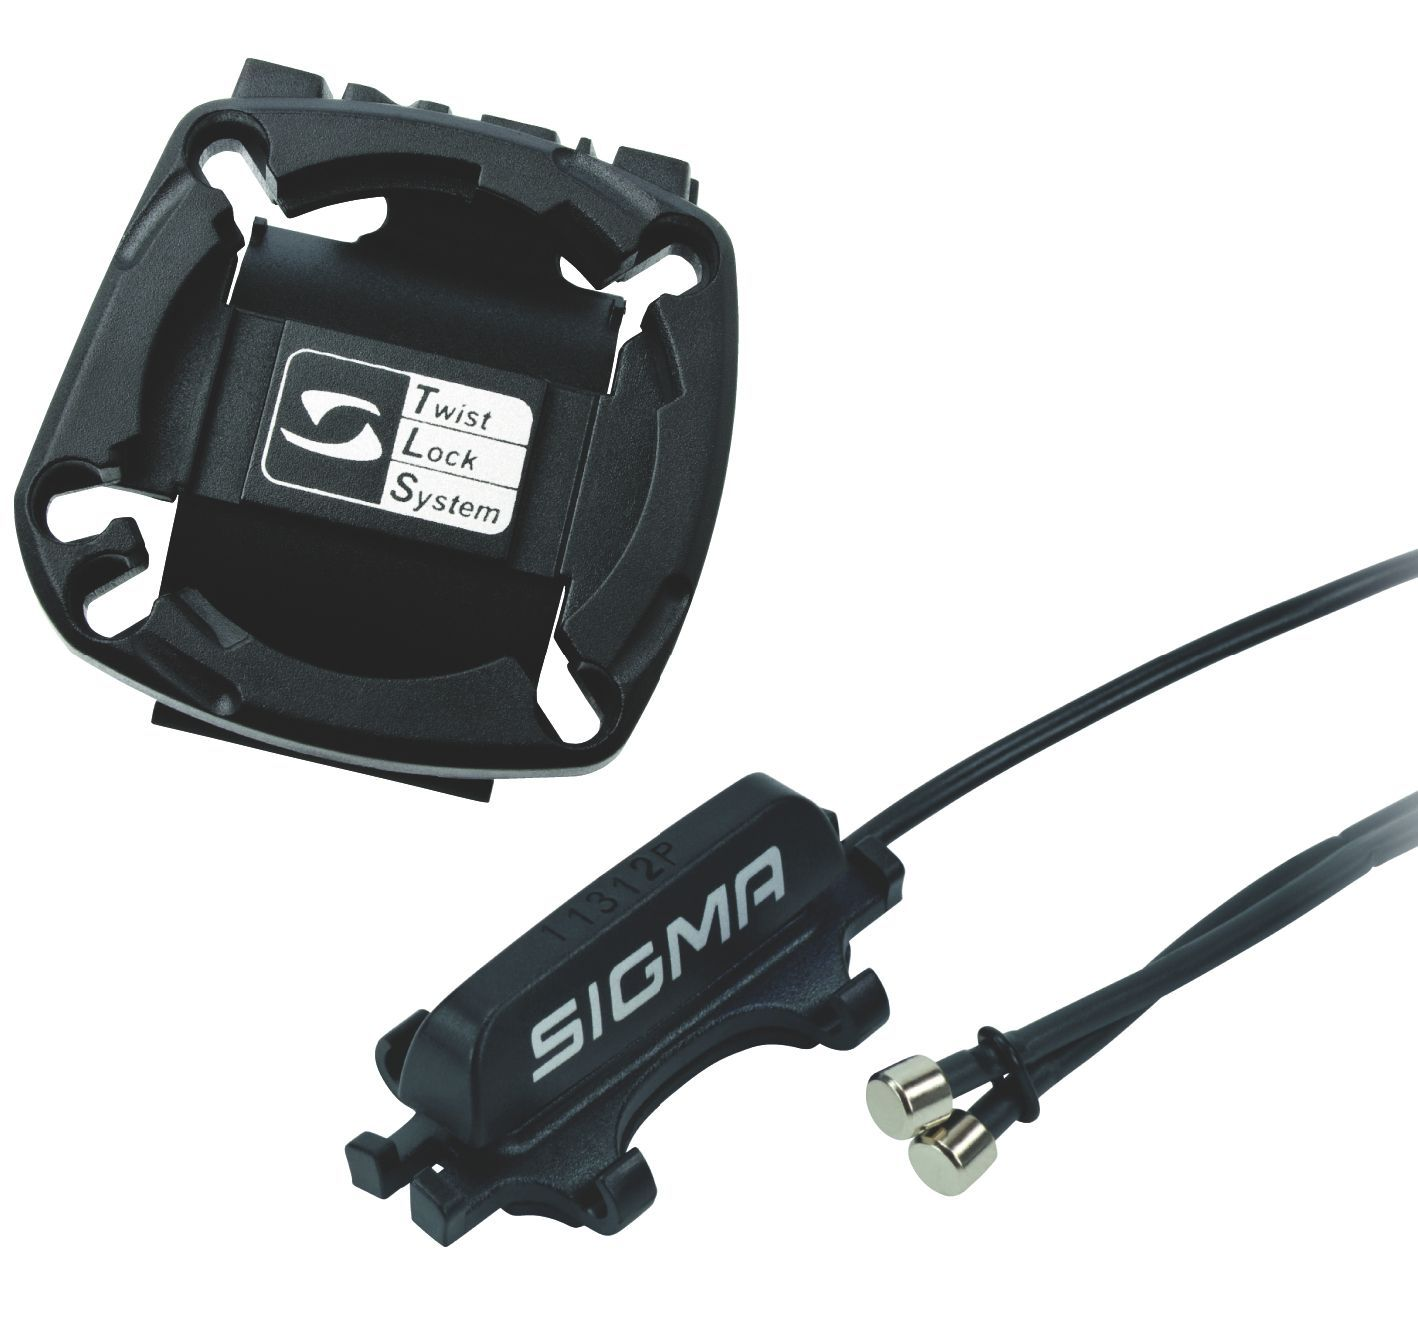 zubehör computer & pulsuhren: Sigma  00428 Universalhalter inkl. Kabel